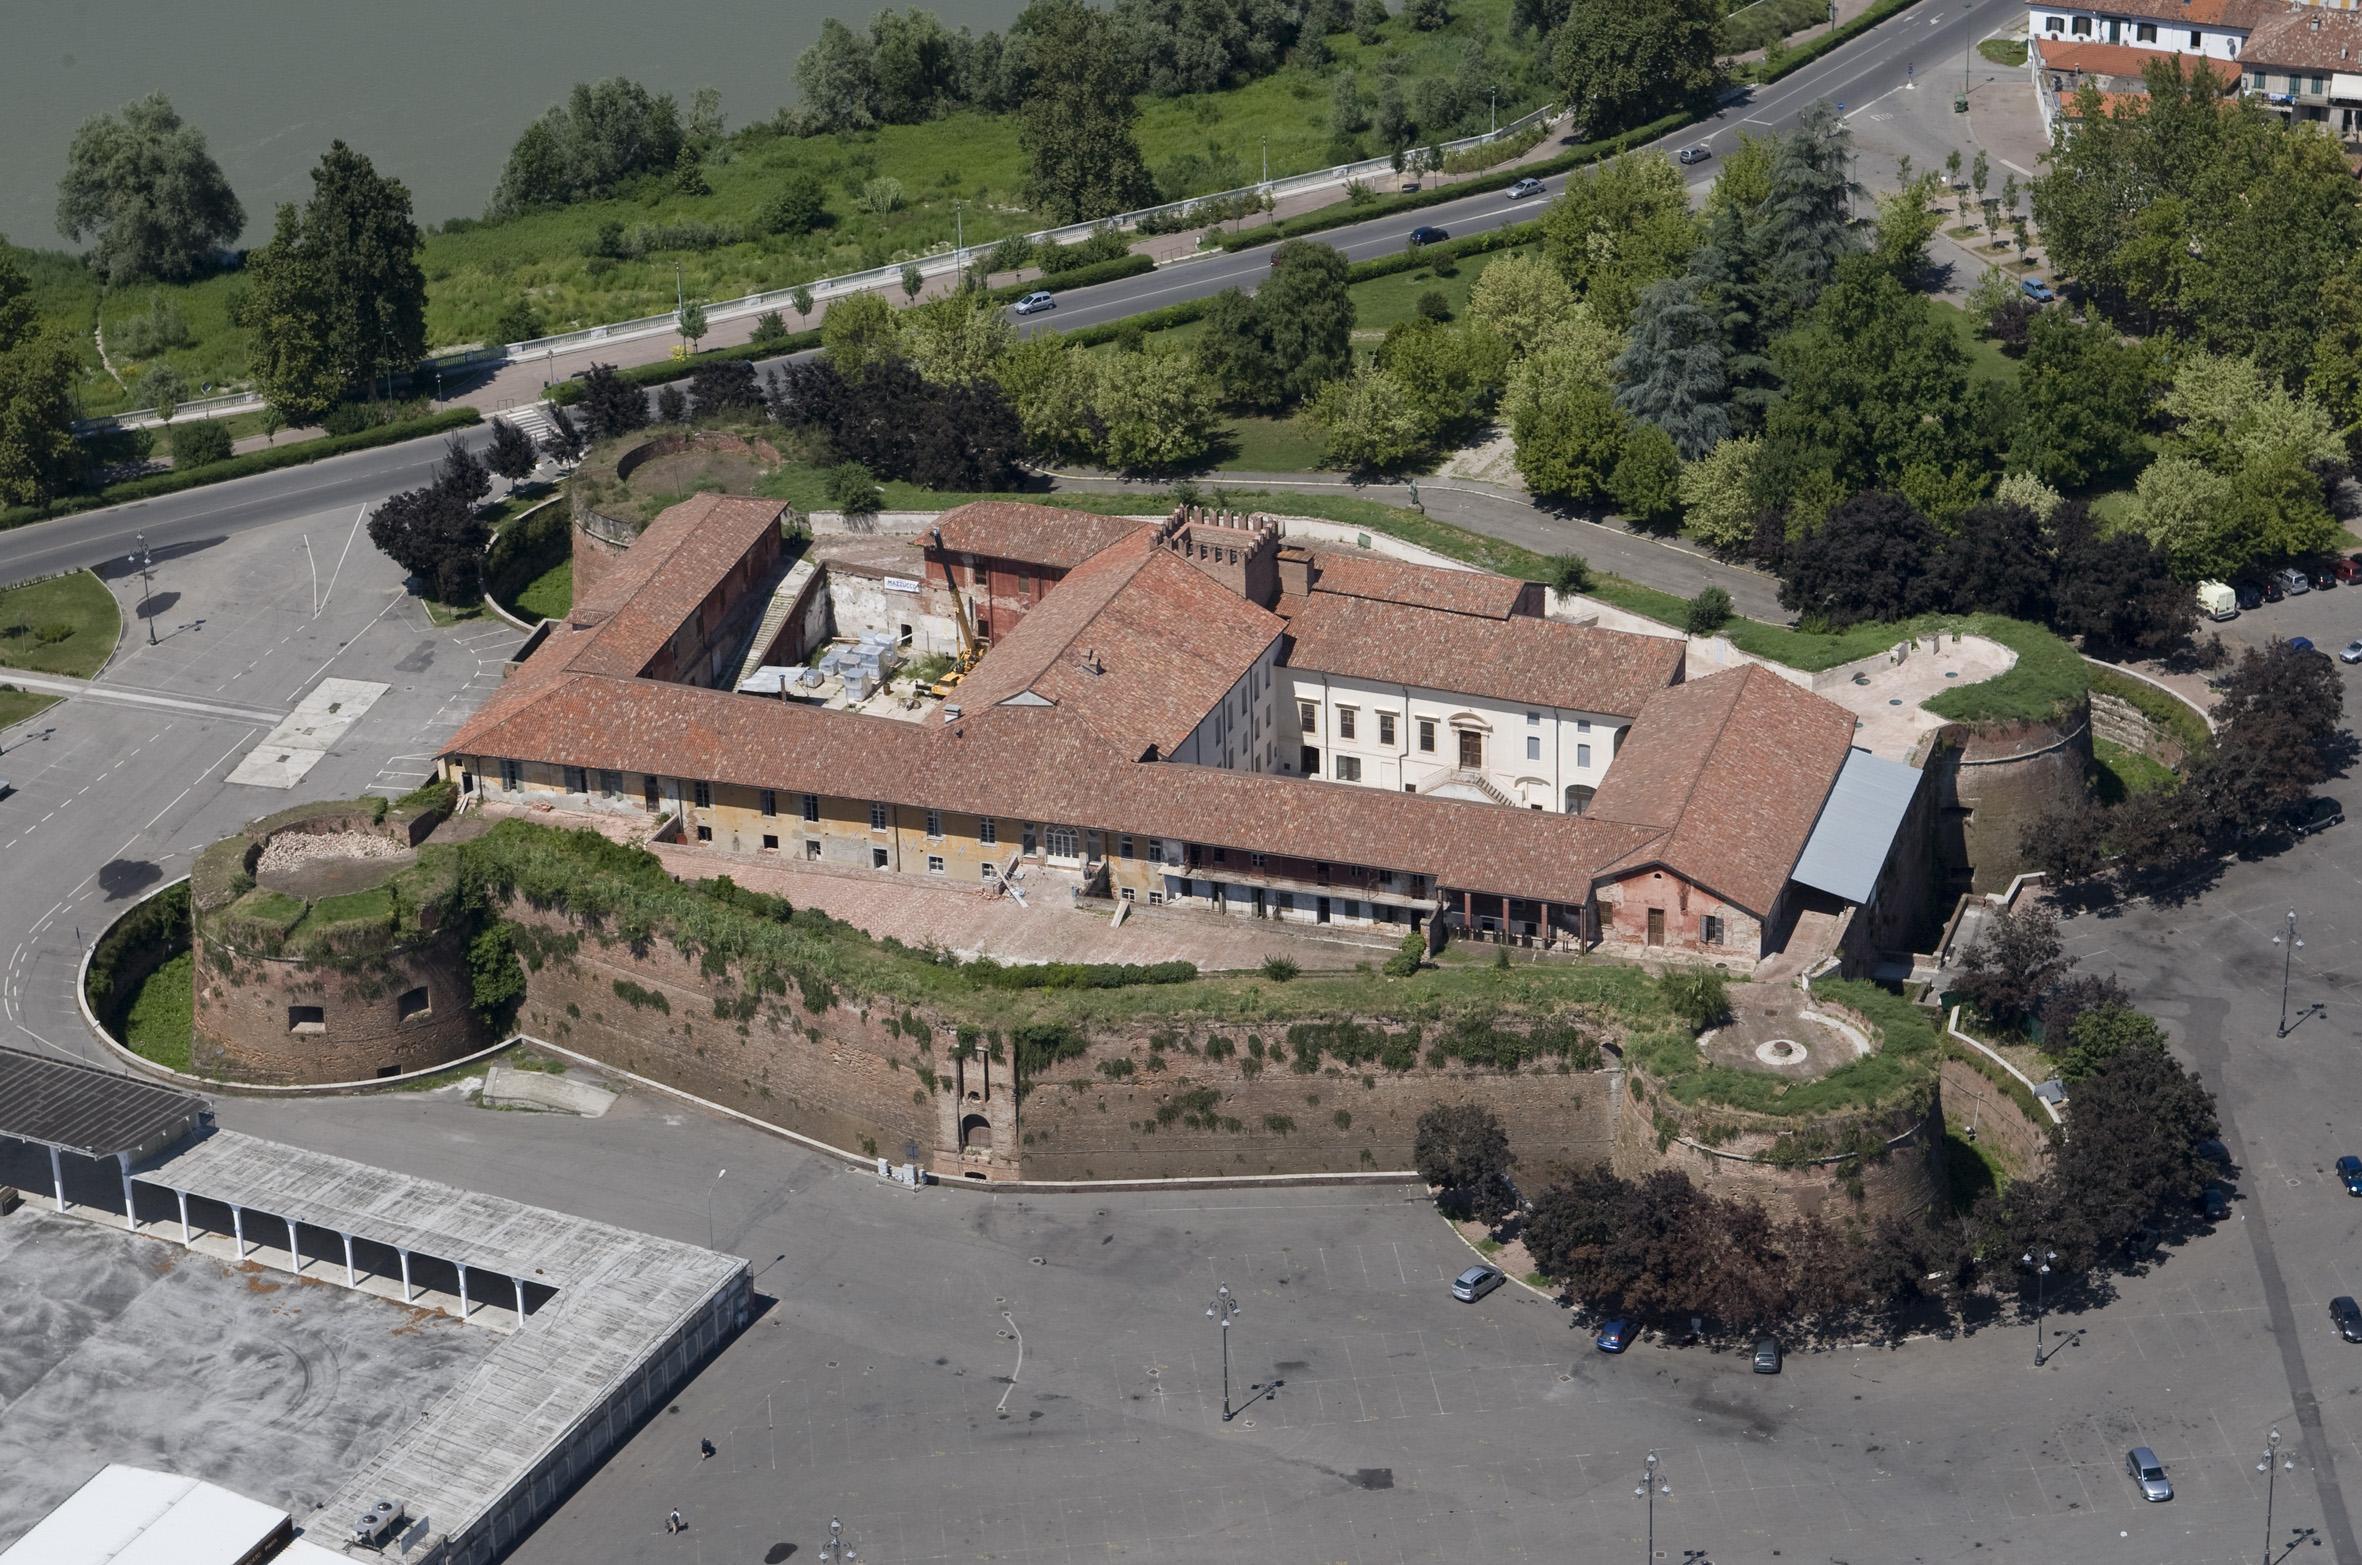 Mercatino dell 39 antiquariato e casale citt aperta - Mercato antiquariato casale monferrato ...